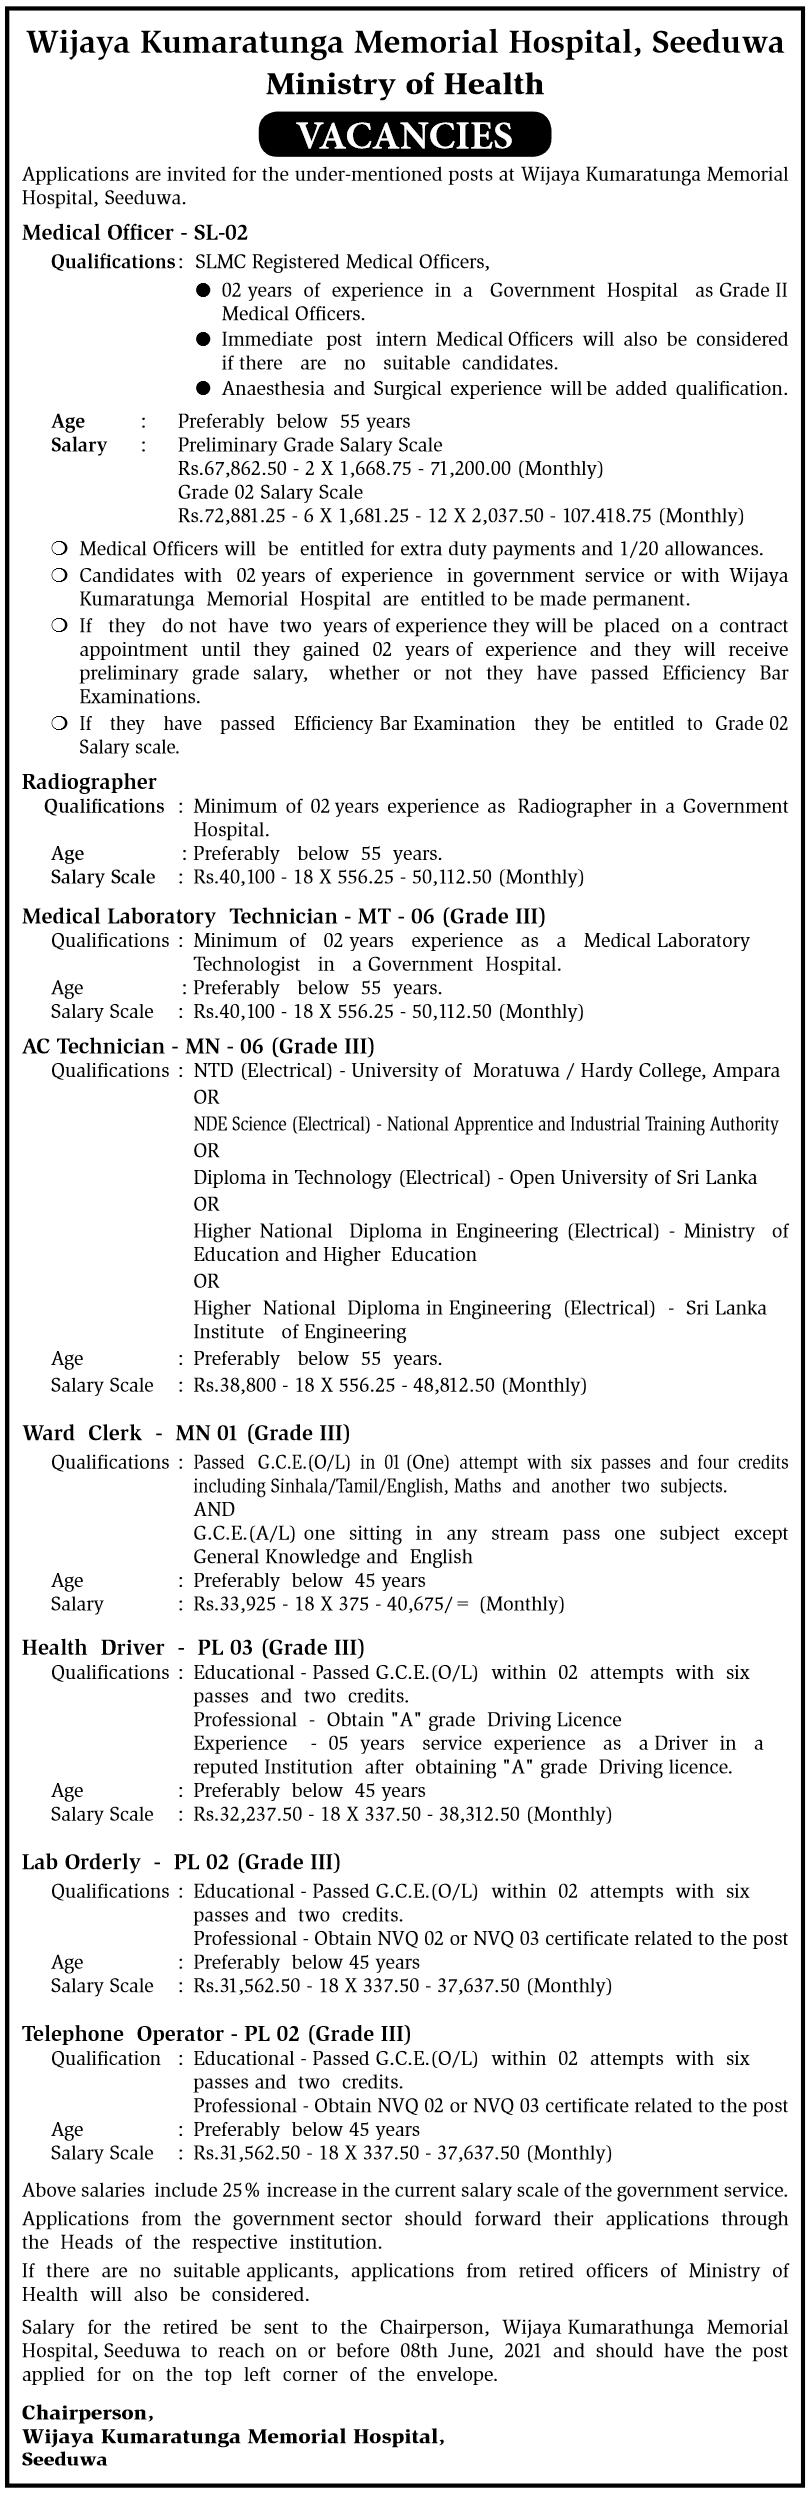 Wijaya Kumaratunga Memorial Hospital Vacancies